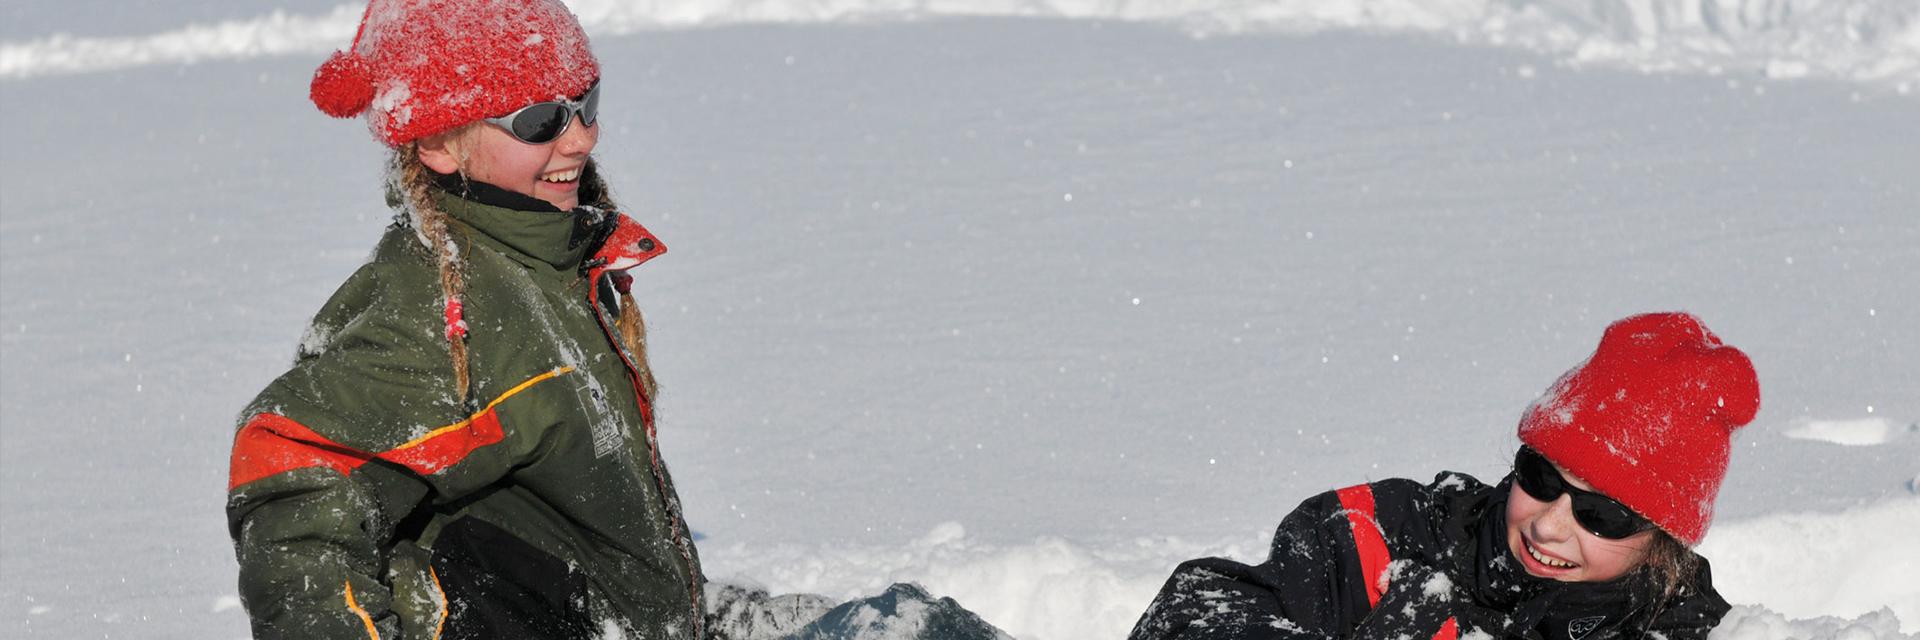 village-vacances-auberge-nordique-jeux-neige